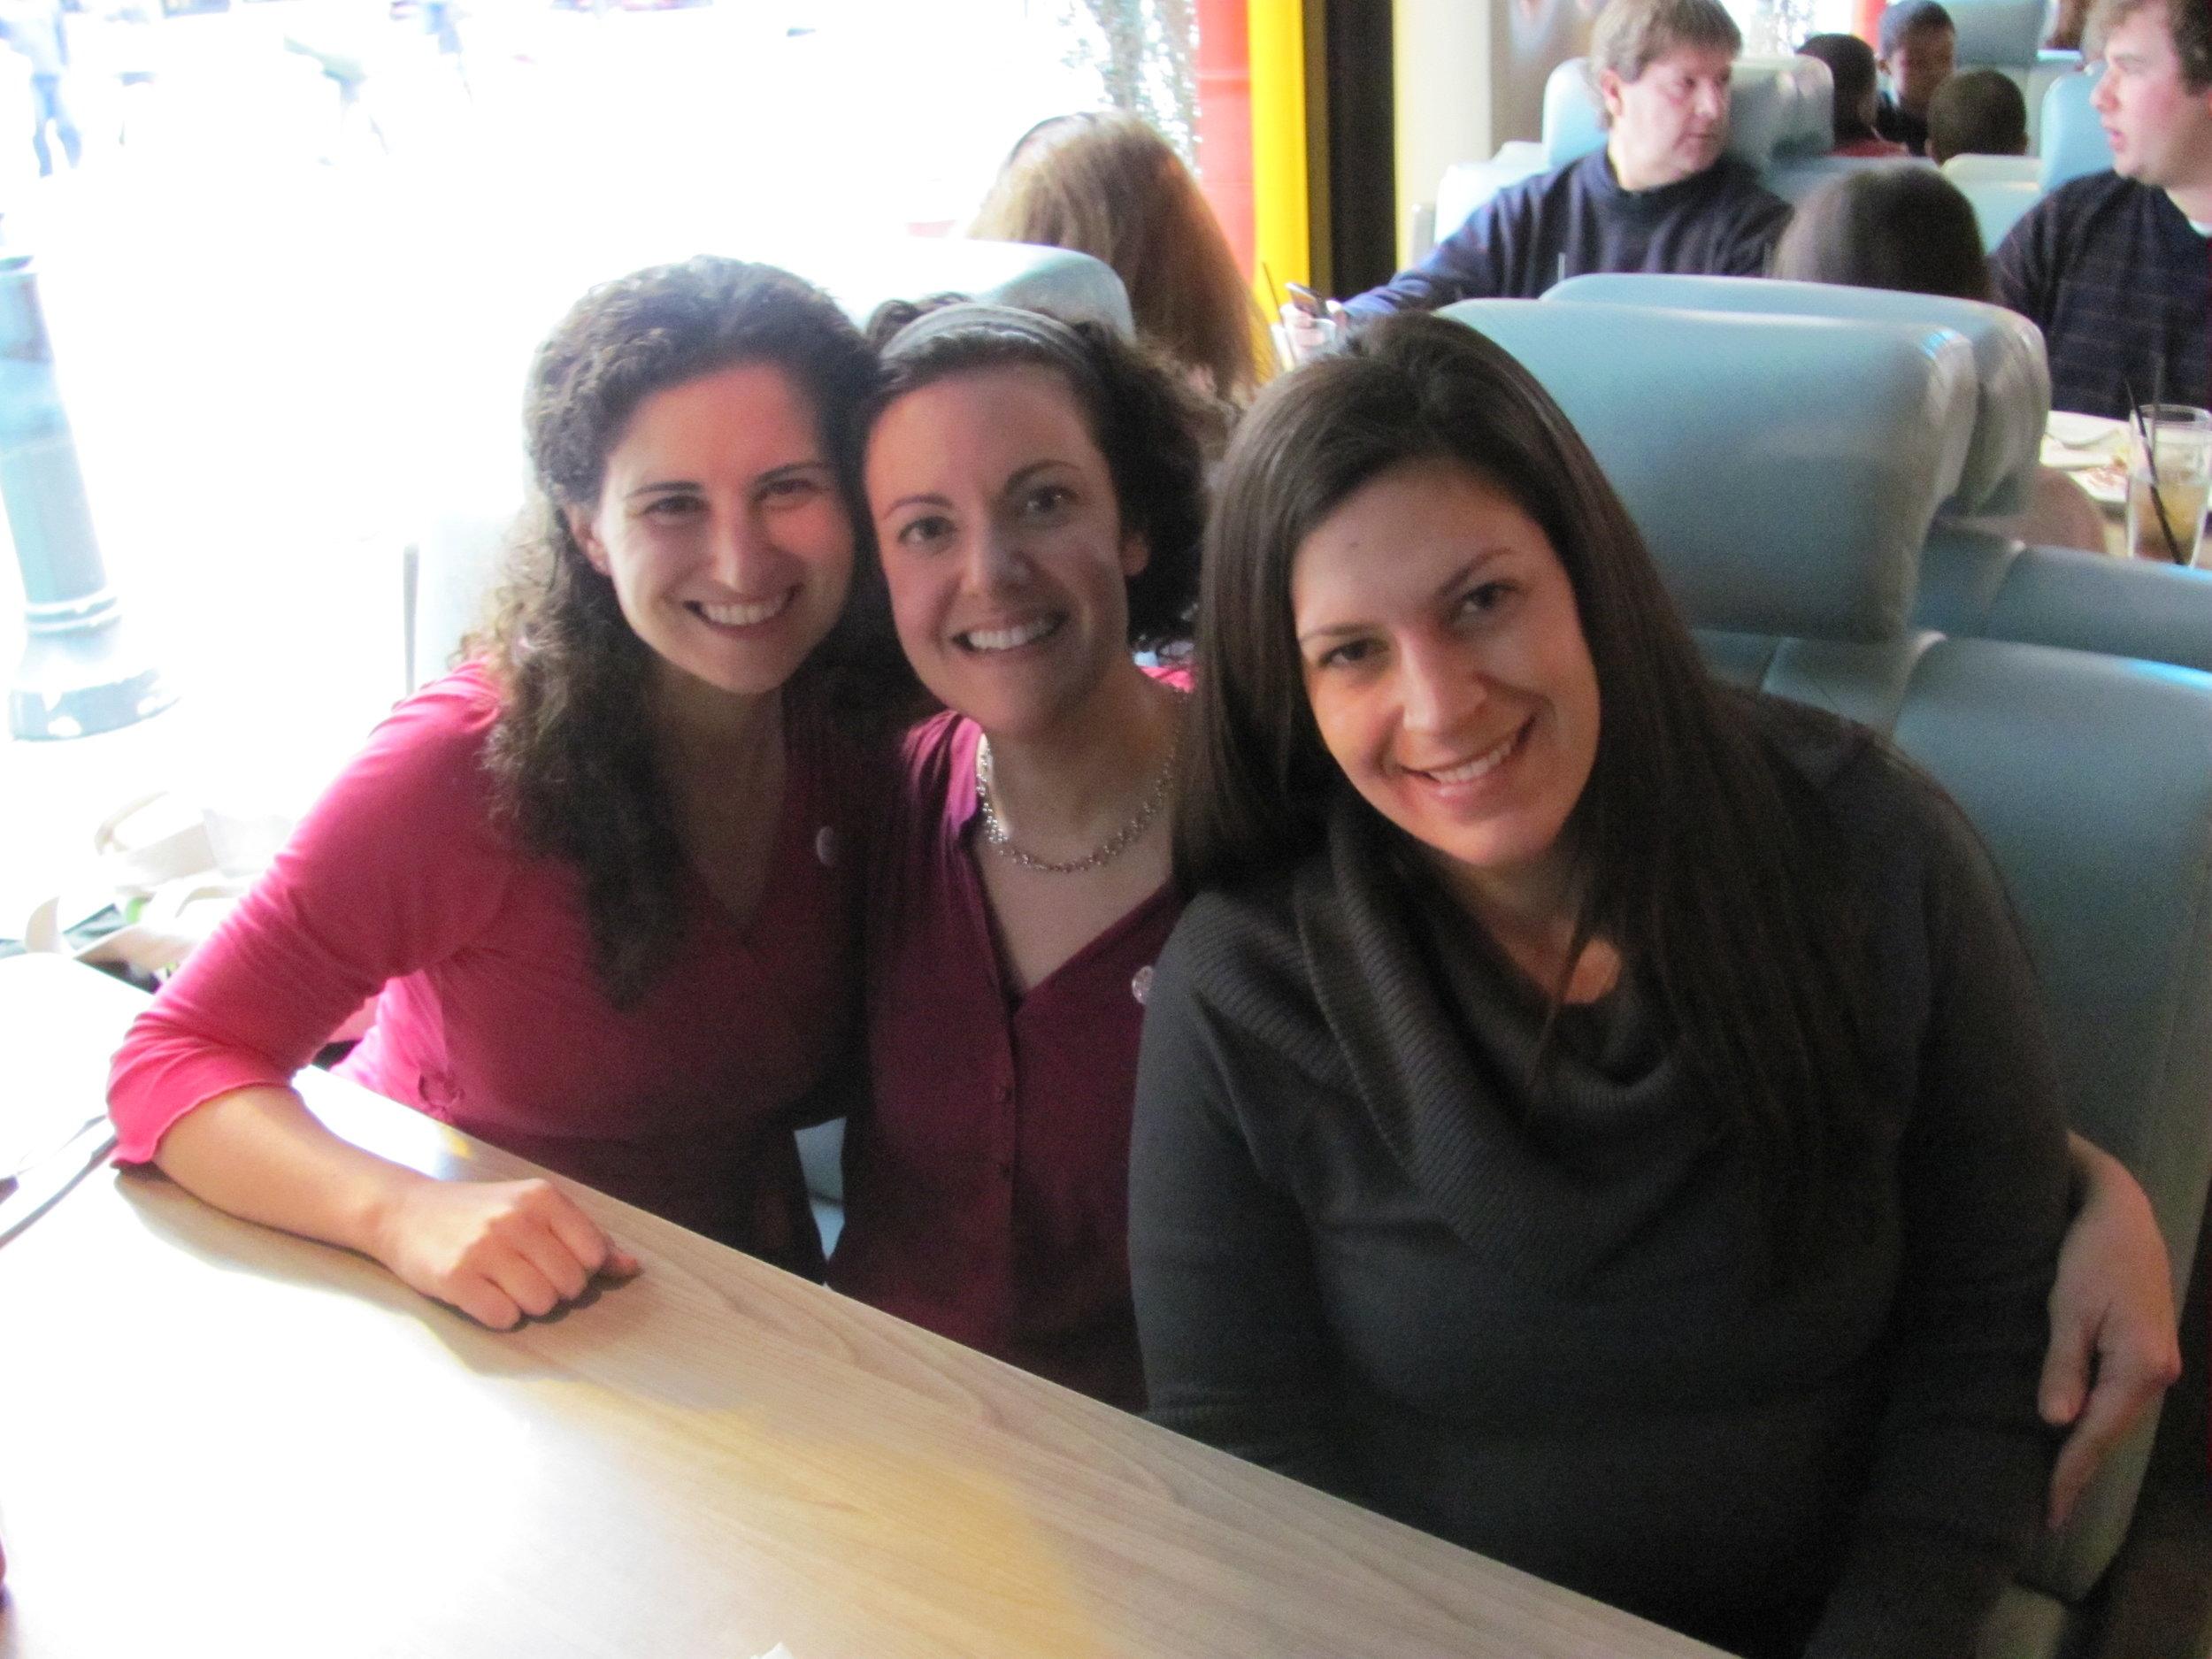 Lisa, Colleen, & Lisa